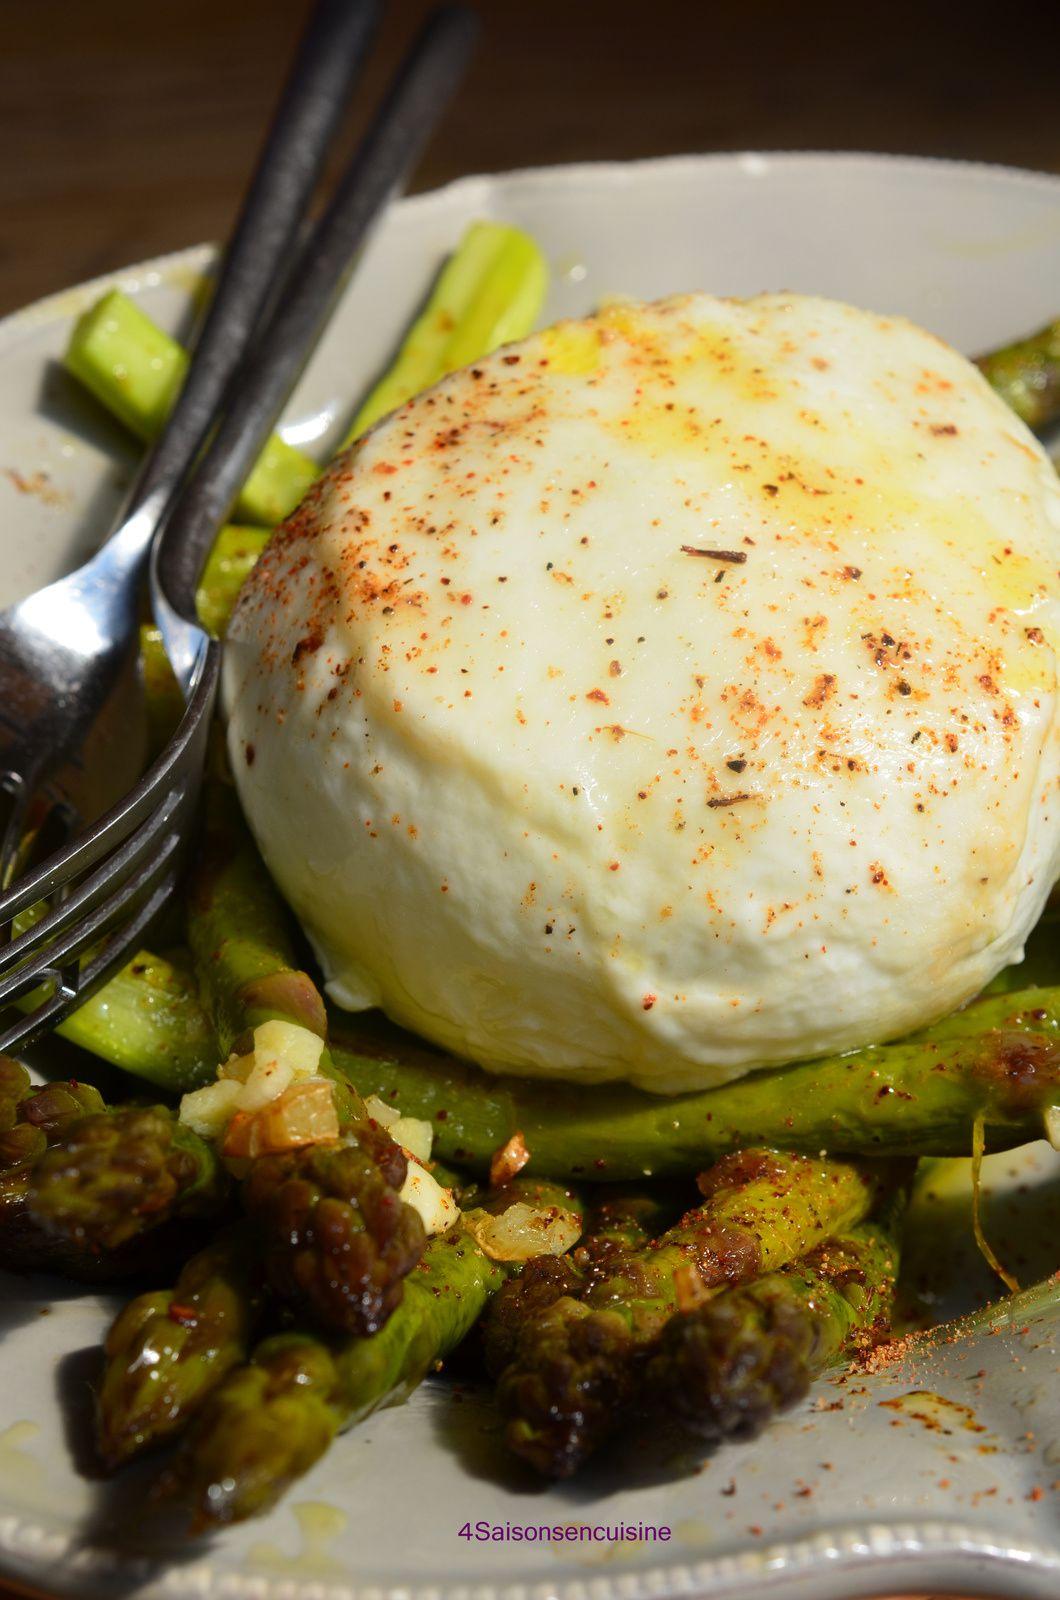 Asperges vertes l 39 italienne 4 saisons en cuisine - Cuisiner les asperges vertes ...